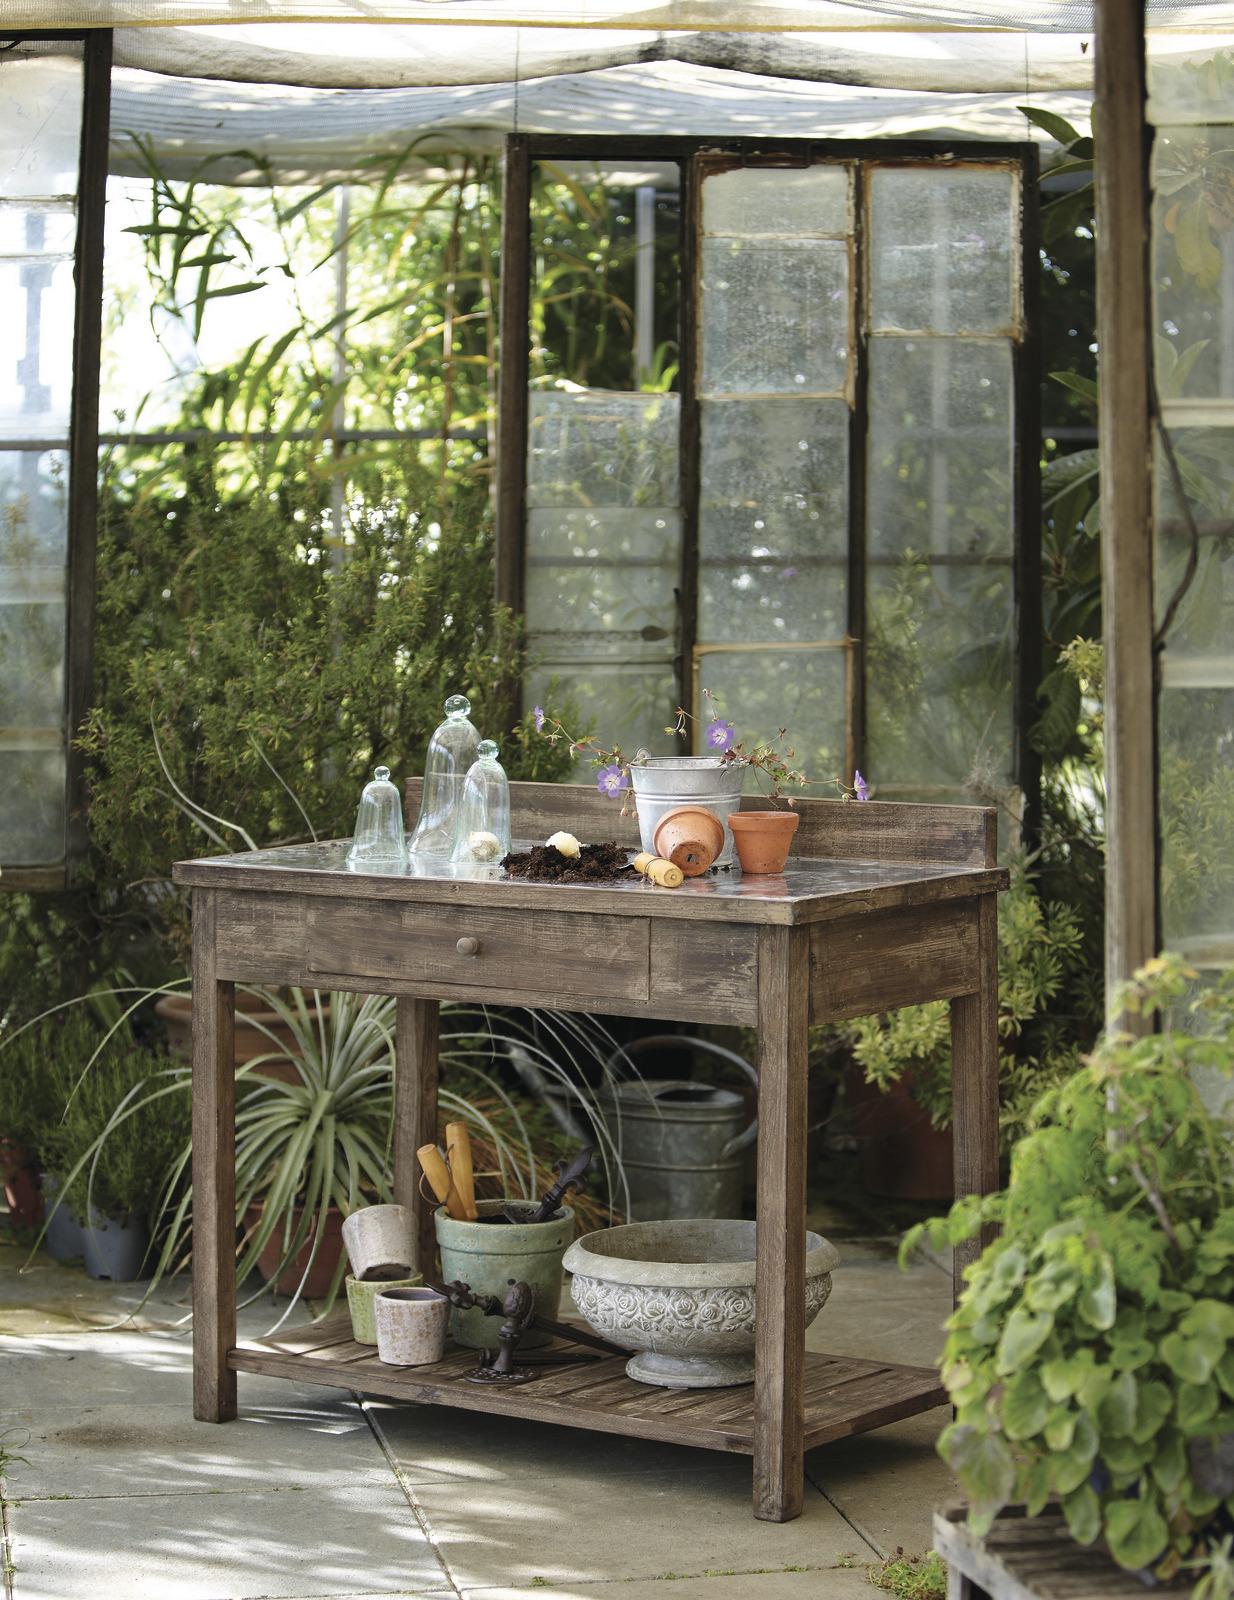 10 Pflanztisch ? Ideen Für Den Frühling Pflanztisch Fur Den Garten Ideen Selbermachen